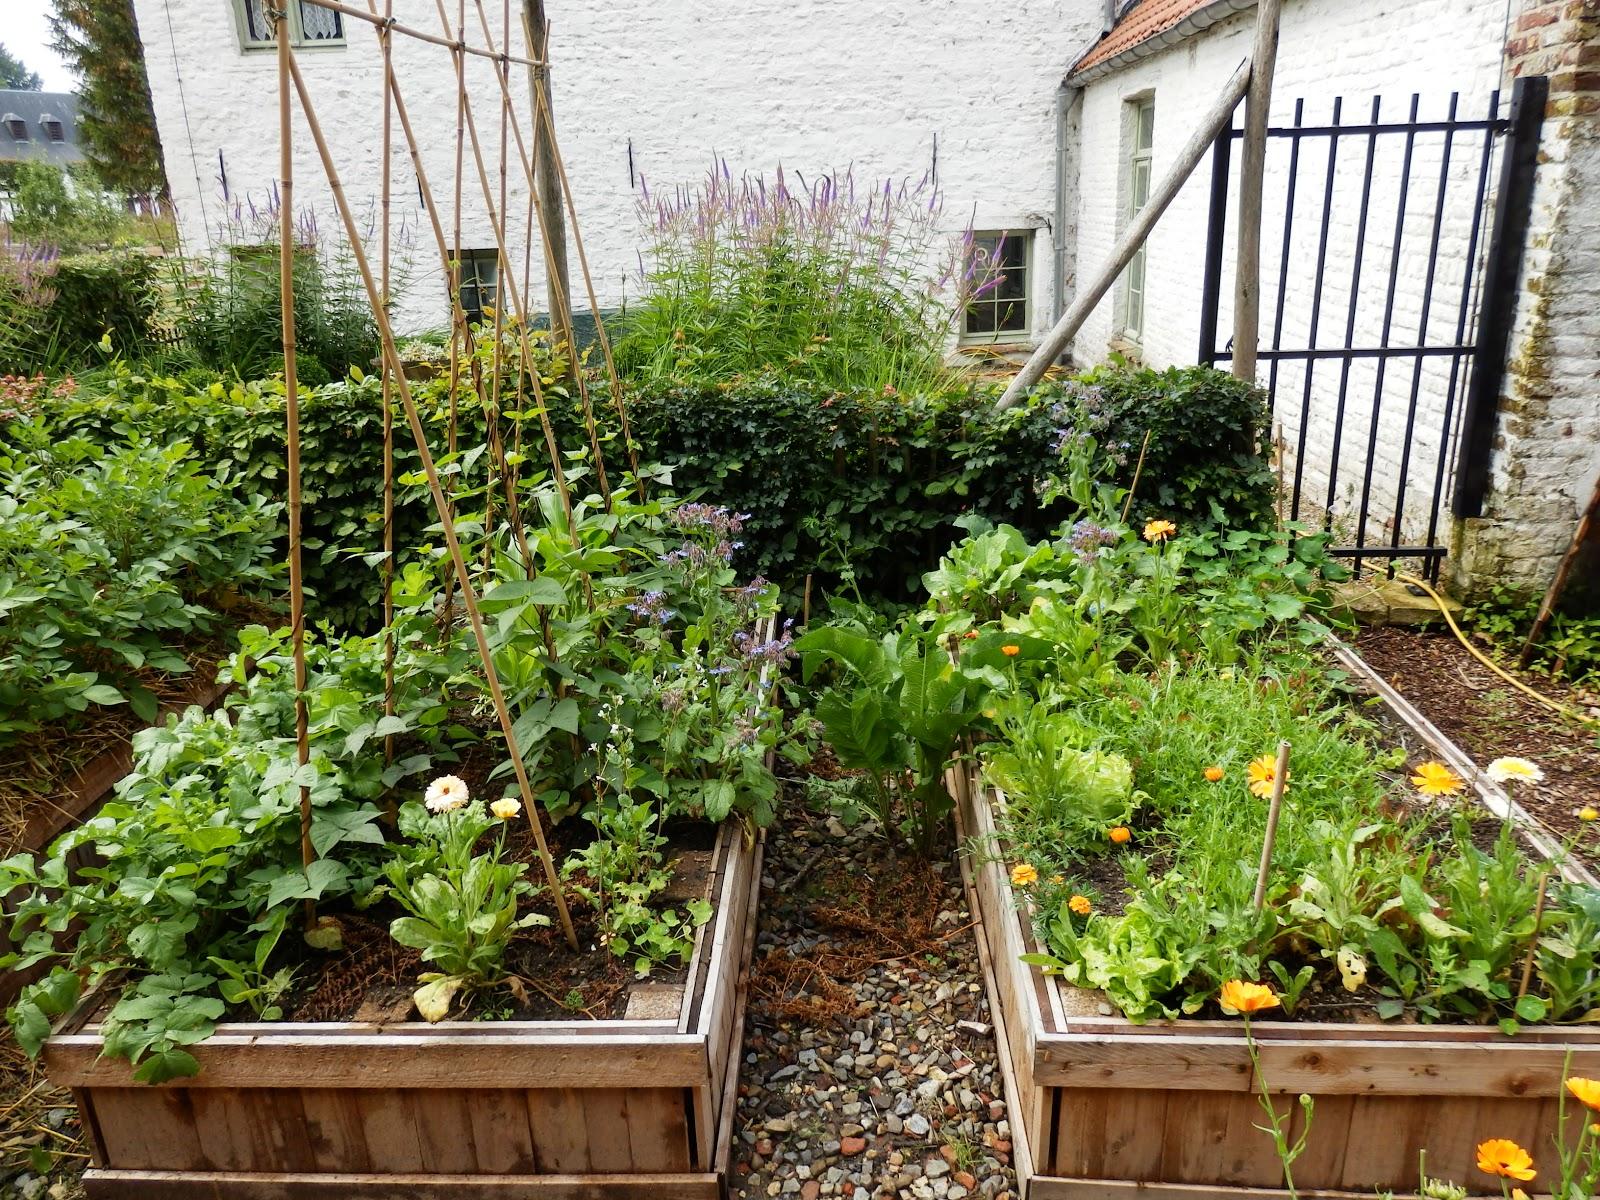 Le jardin des moines hugelkultur en bac l 39 important c for Le jardin aux epilobes